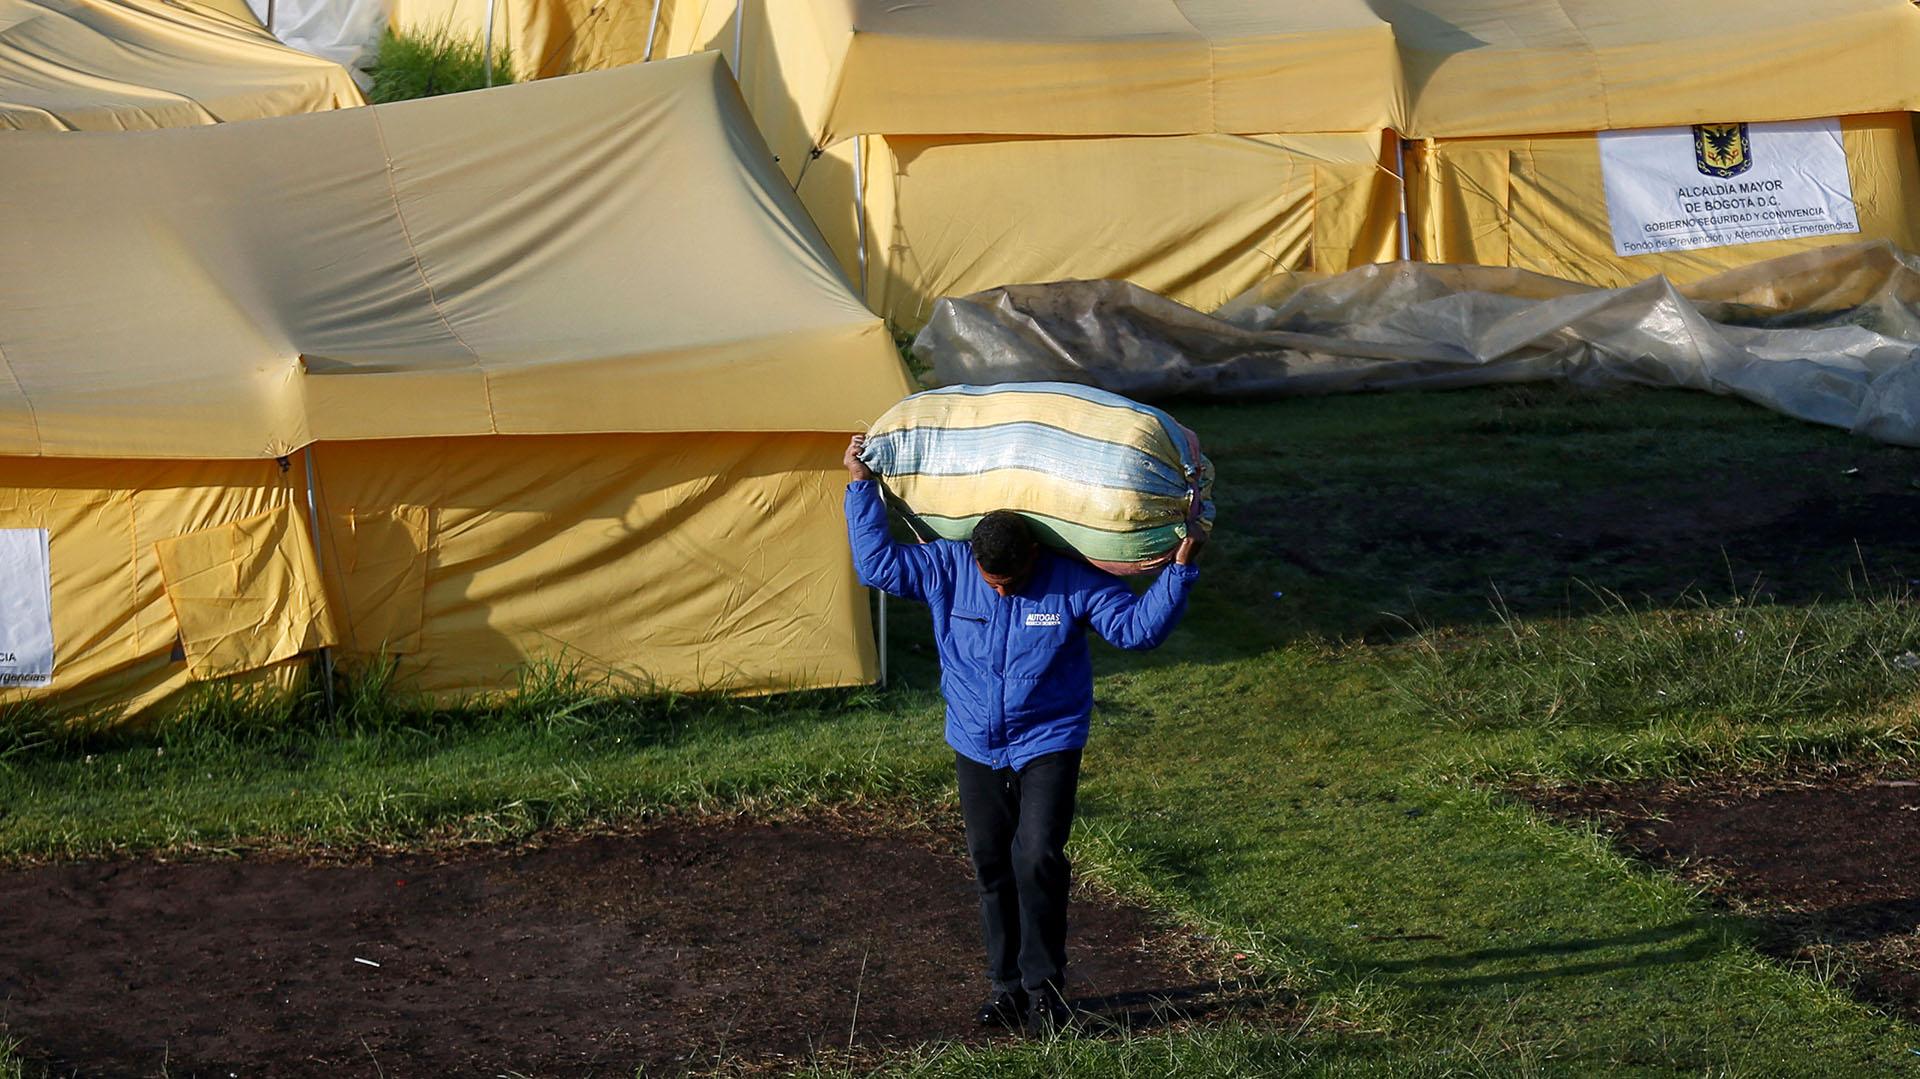 Los migrantes que habitaban en el campamento provenían de un asentamiento ilegal cerca a la terminal de transportes de Bogotá (REUTERS/Luisa Gonzalez)